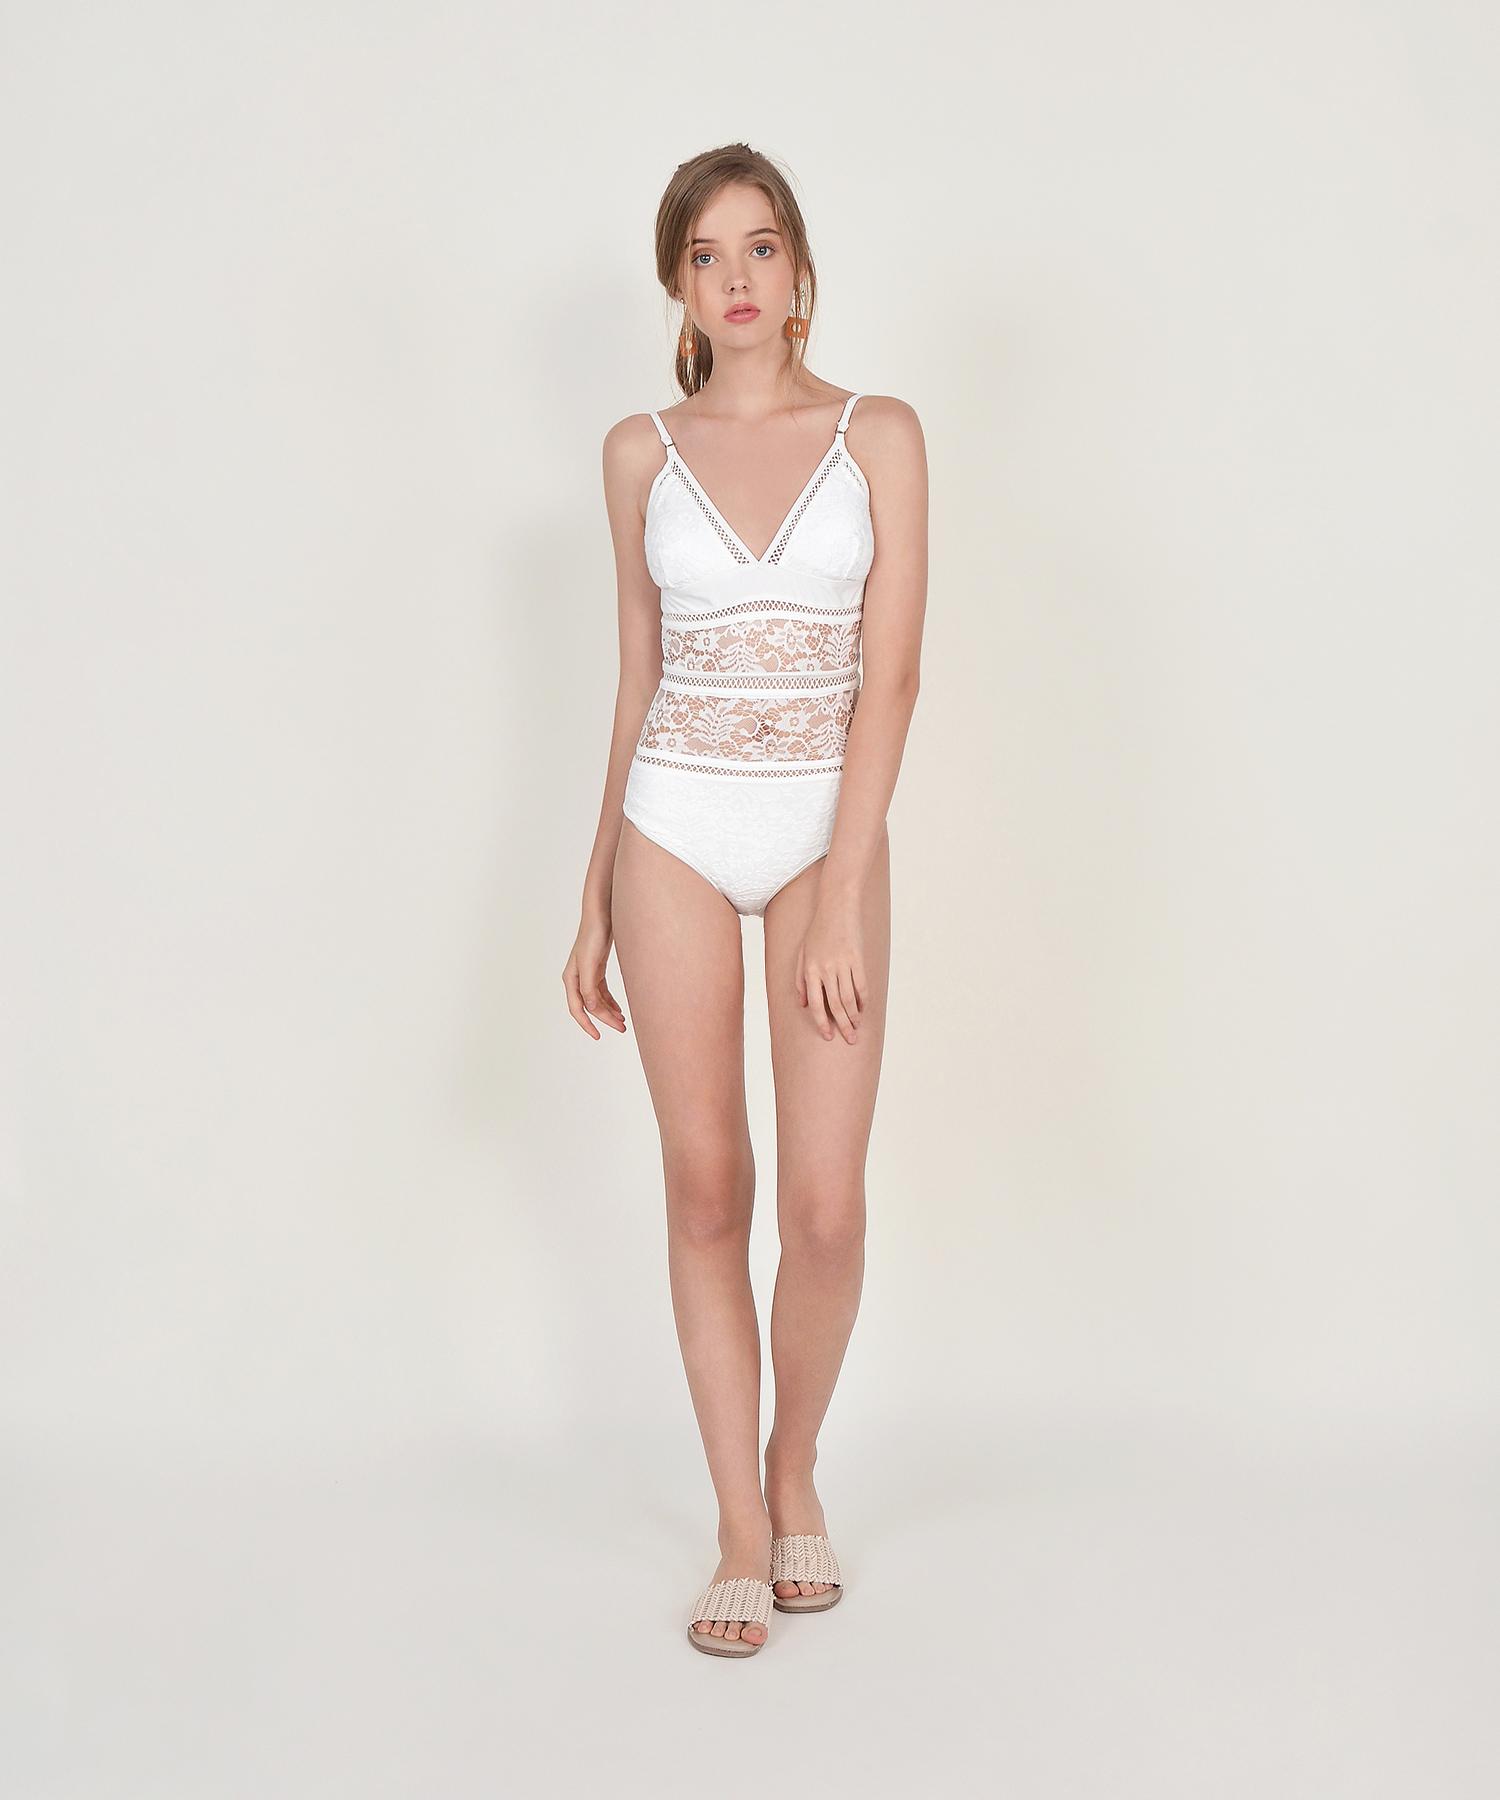 91cd24a8bed06 Talia Crochet Swimsuit - White | hervelvetvase